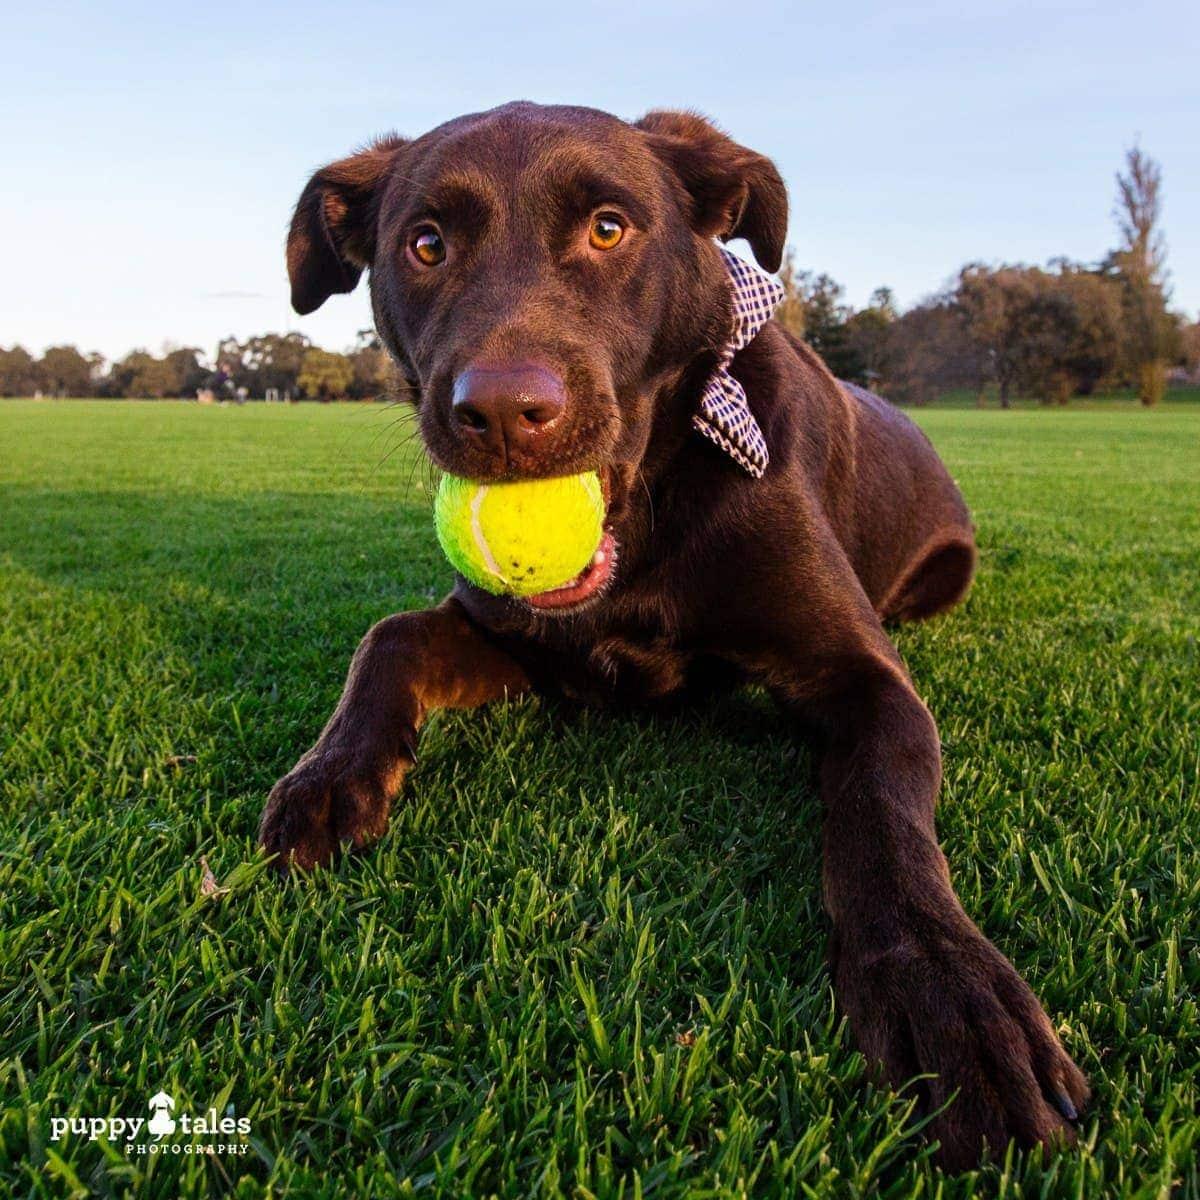 puppytalesphotography poochesatplaypromo 18 1